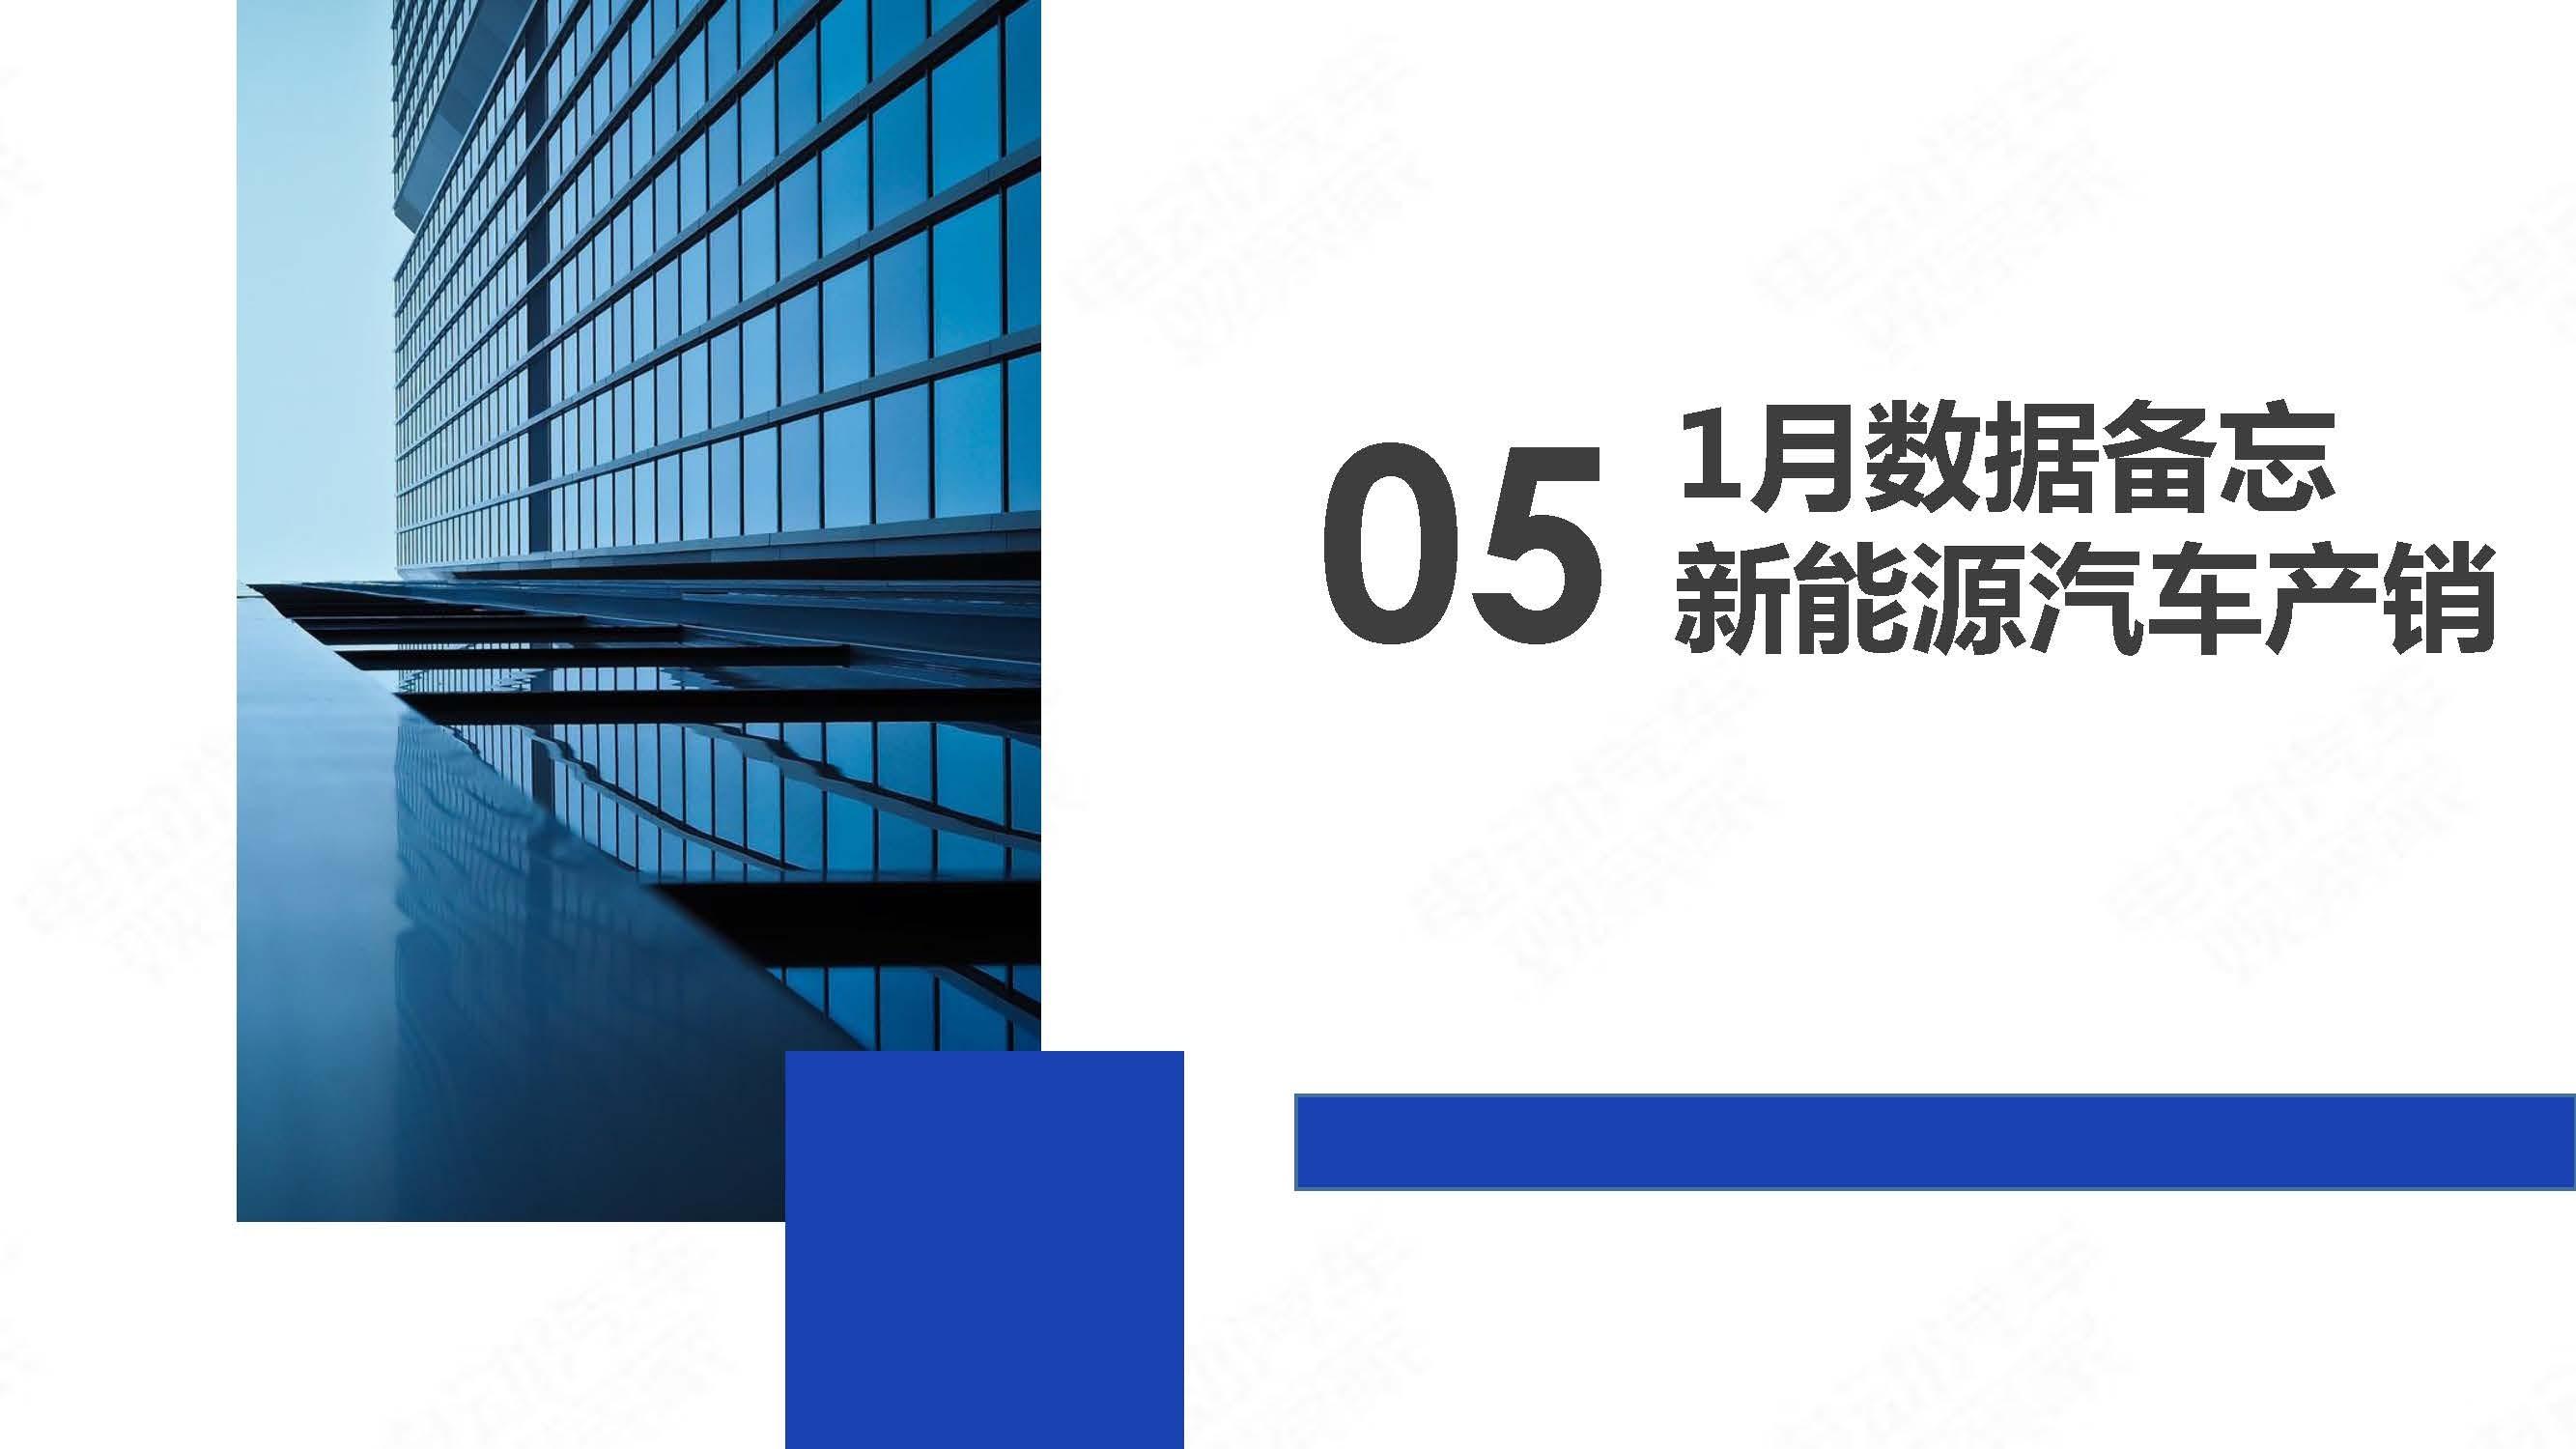 中国新能源汽车产业观察202001简略版_页面_31